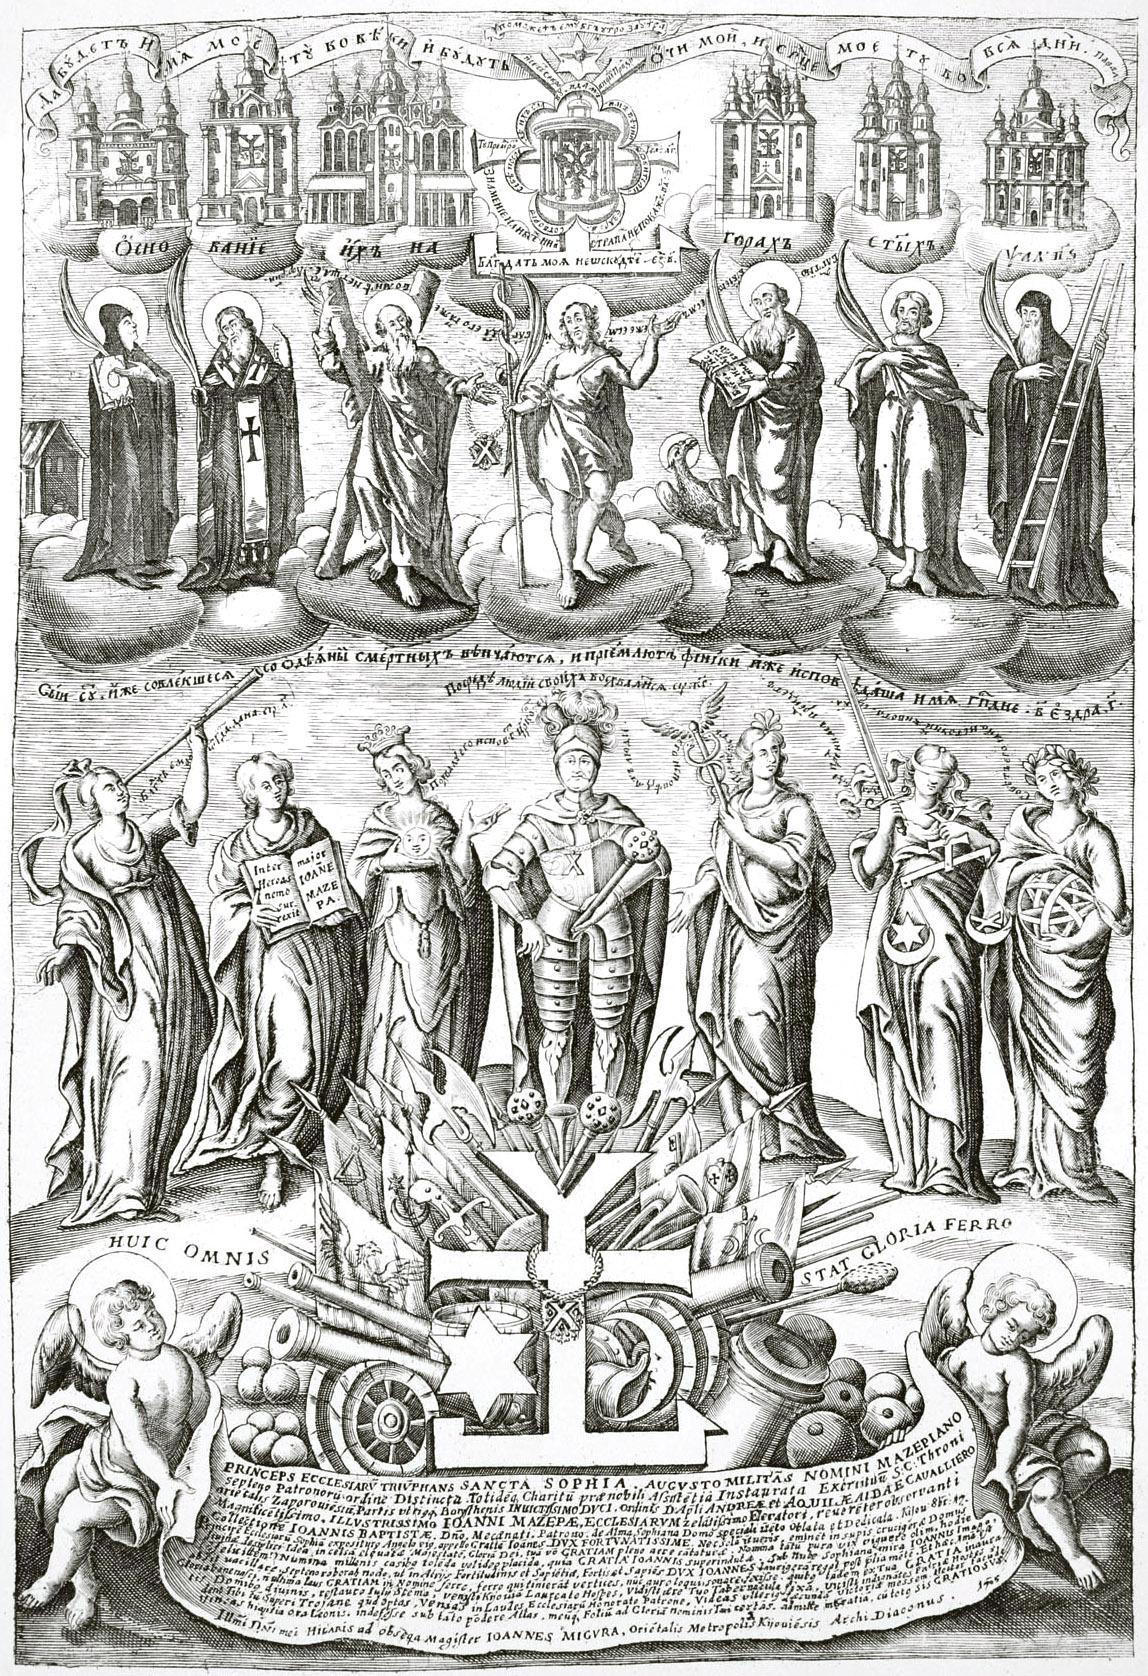 33. Аллегорическая гравюра, поднесенная Архидиаконом Мигурою Ивану Степановичу Мазепе в 1706 году.